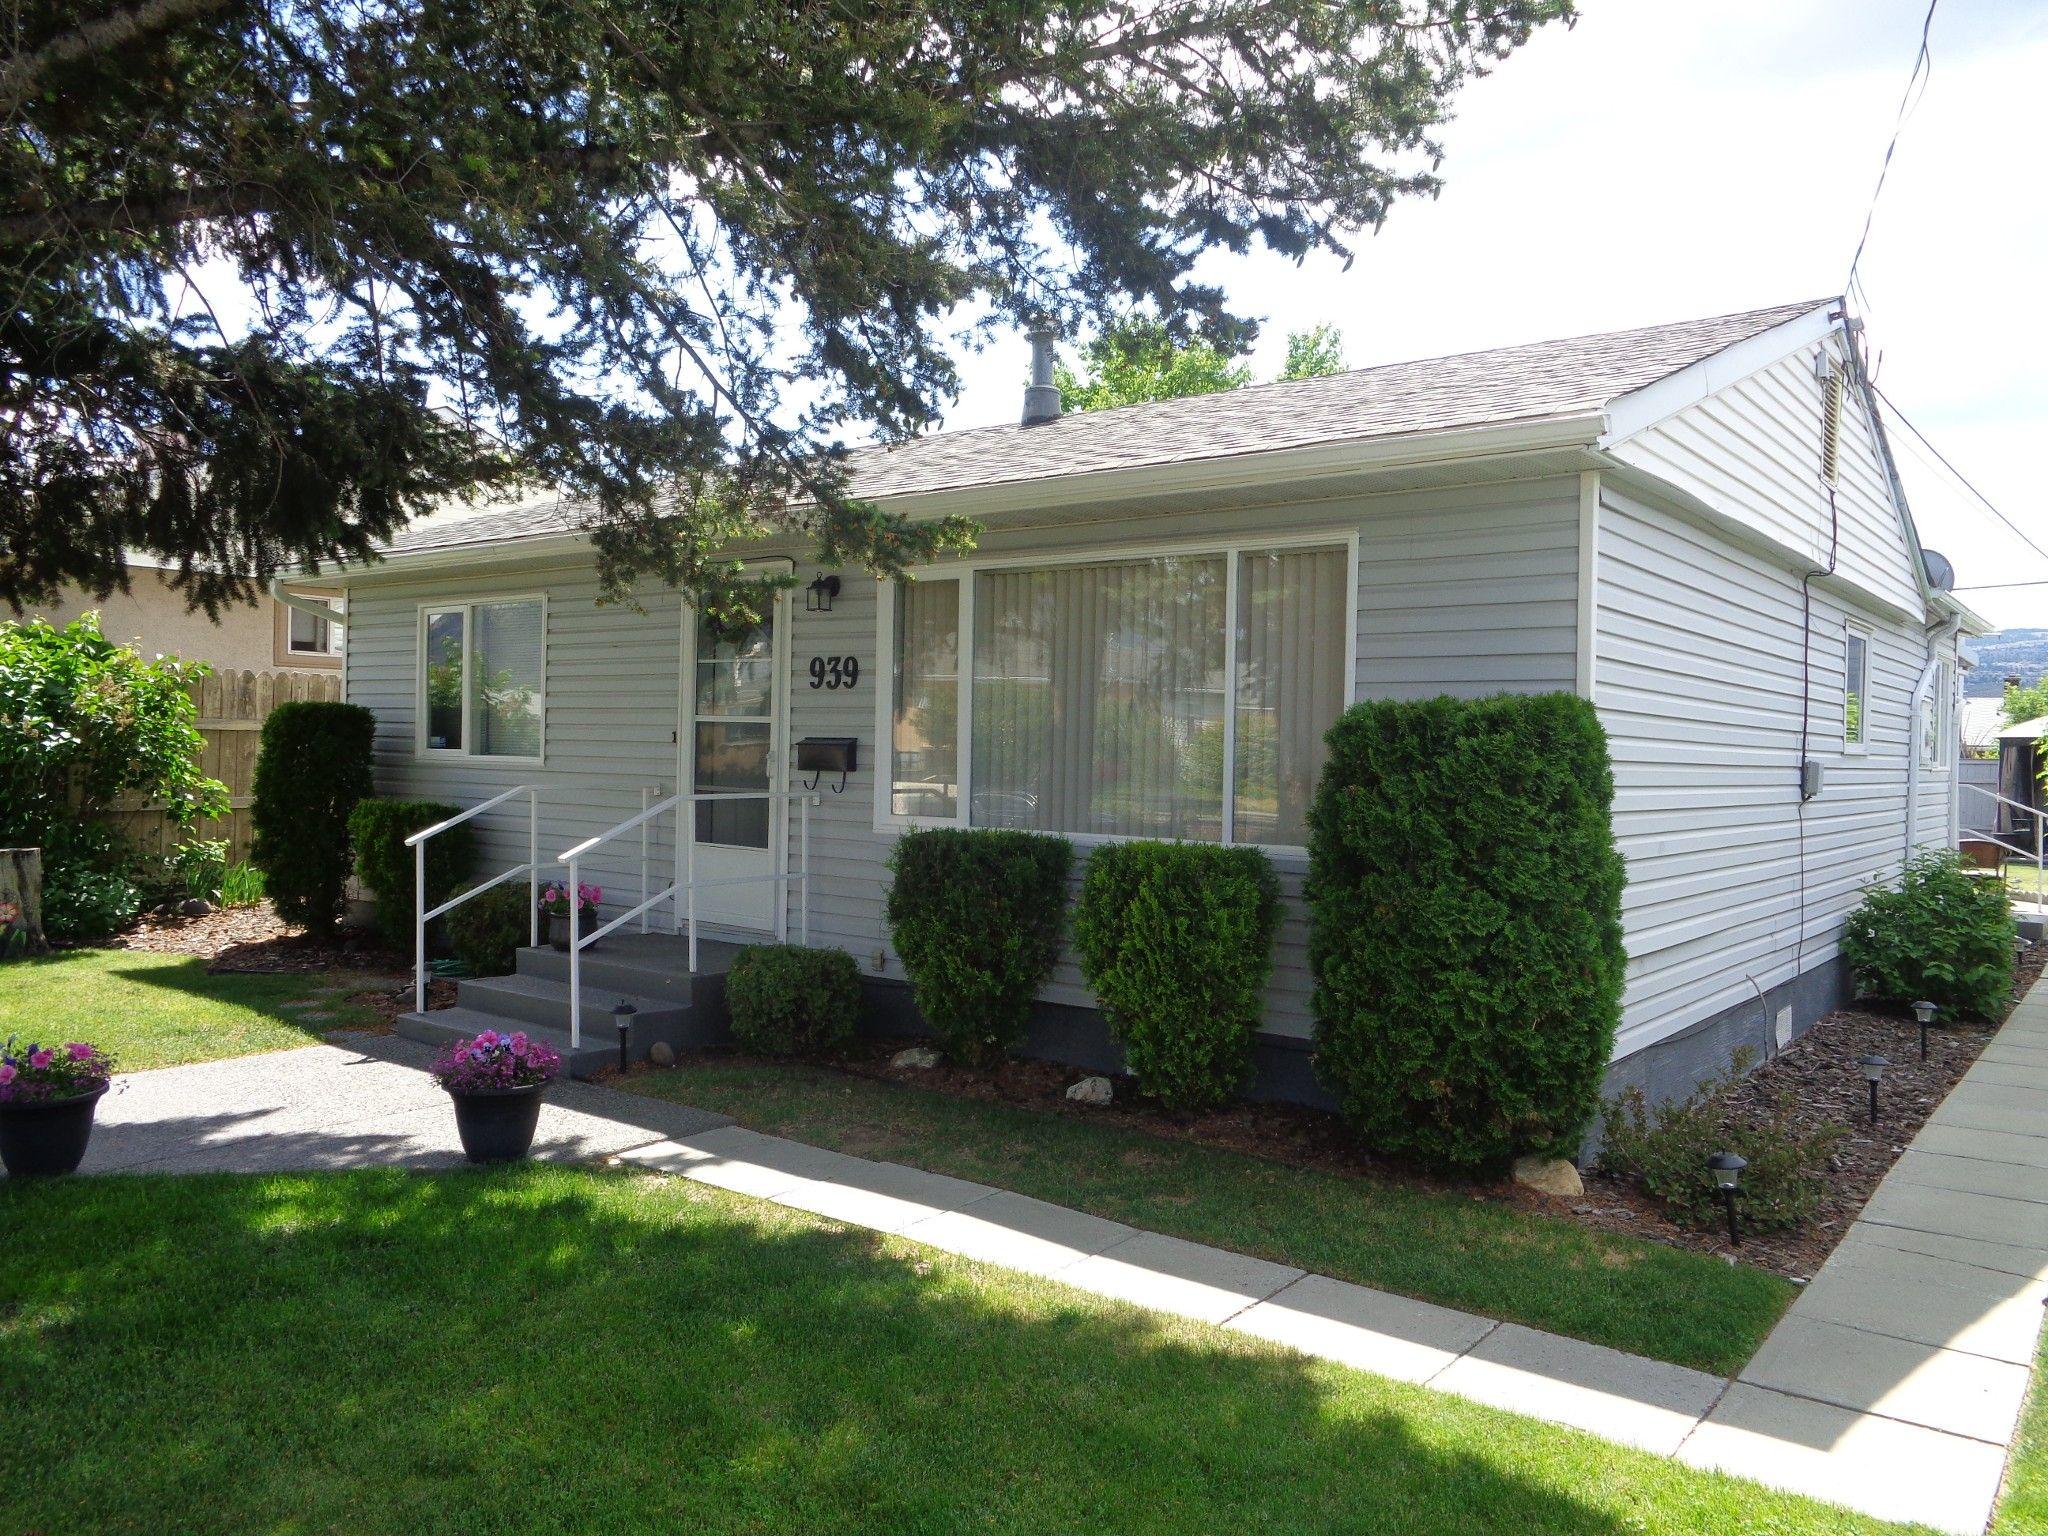 Main Photo: 939 MONCTON AVENUE in KAMLOOPS: NORTH KAMLOOPS House for sale : MLS®# 145482